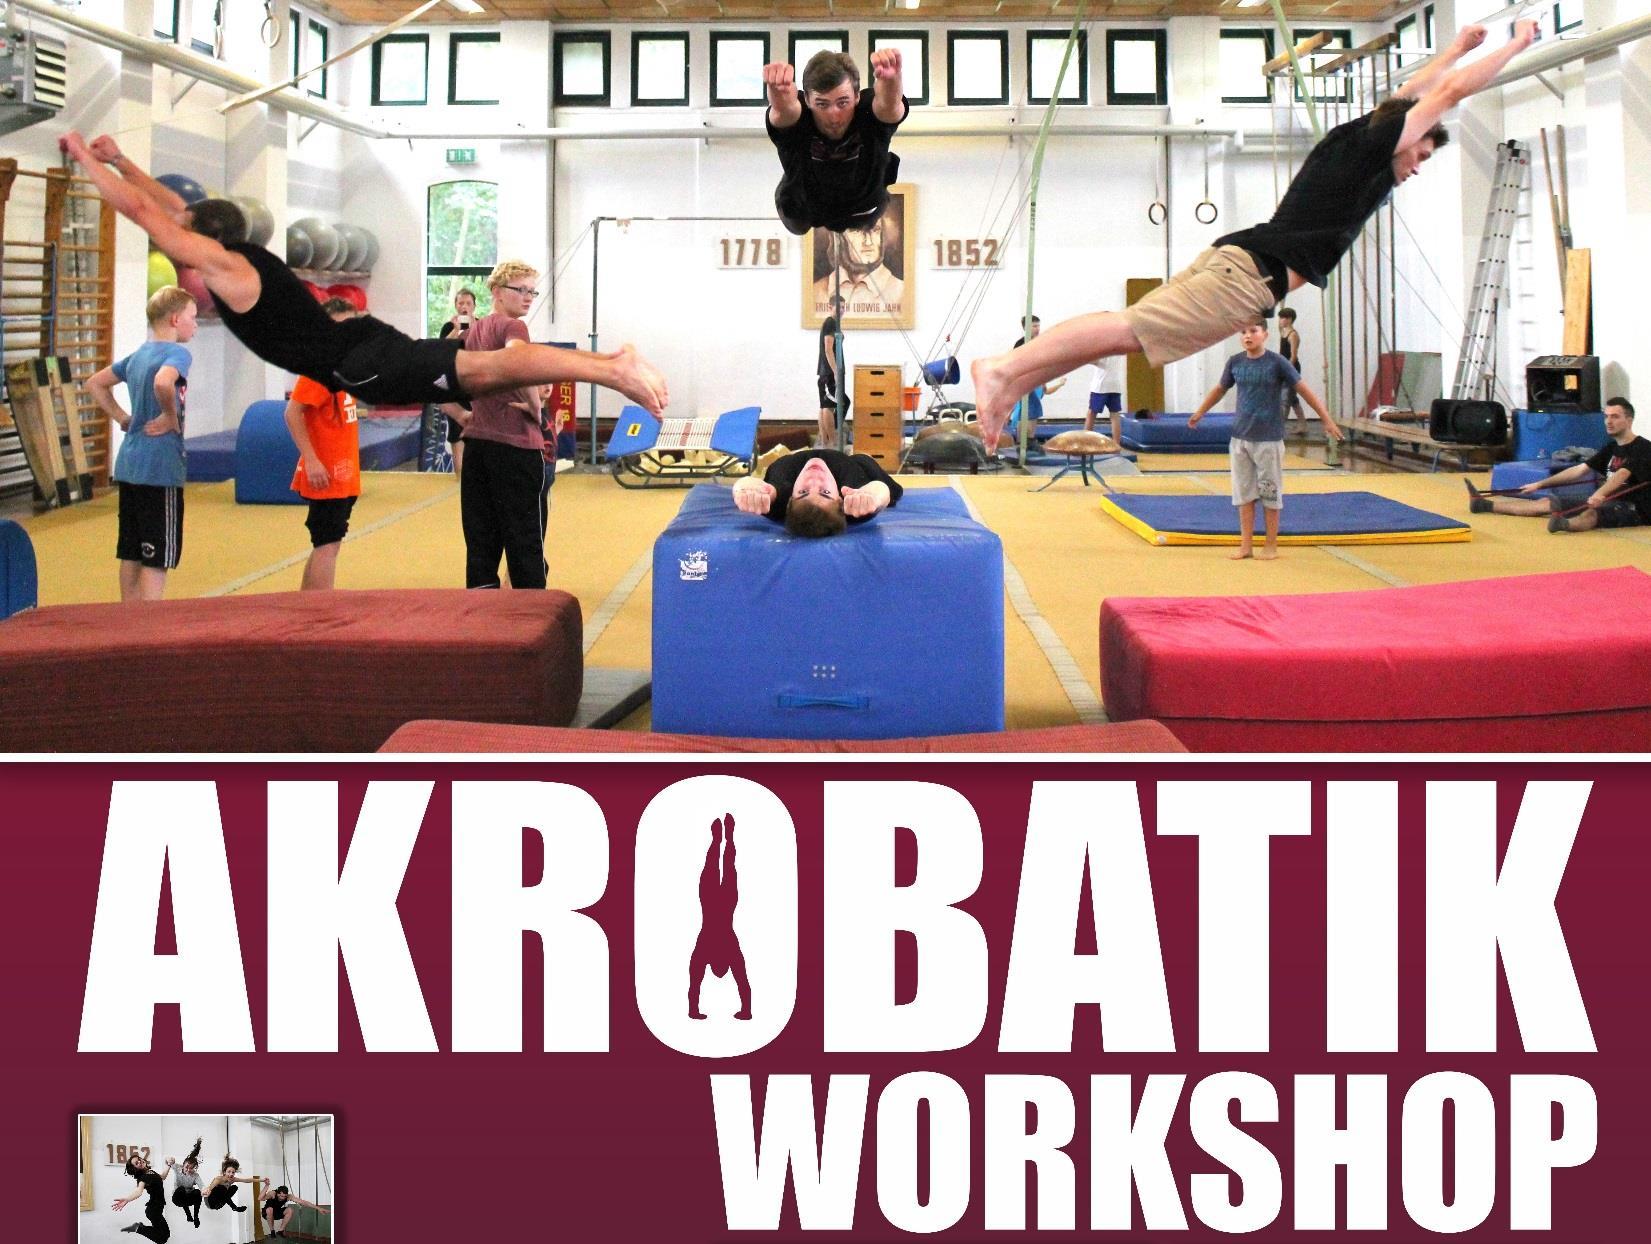 akrobatische Jugendliche in Sporthalle